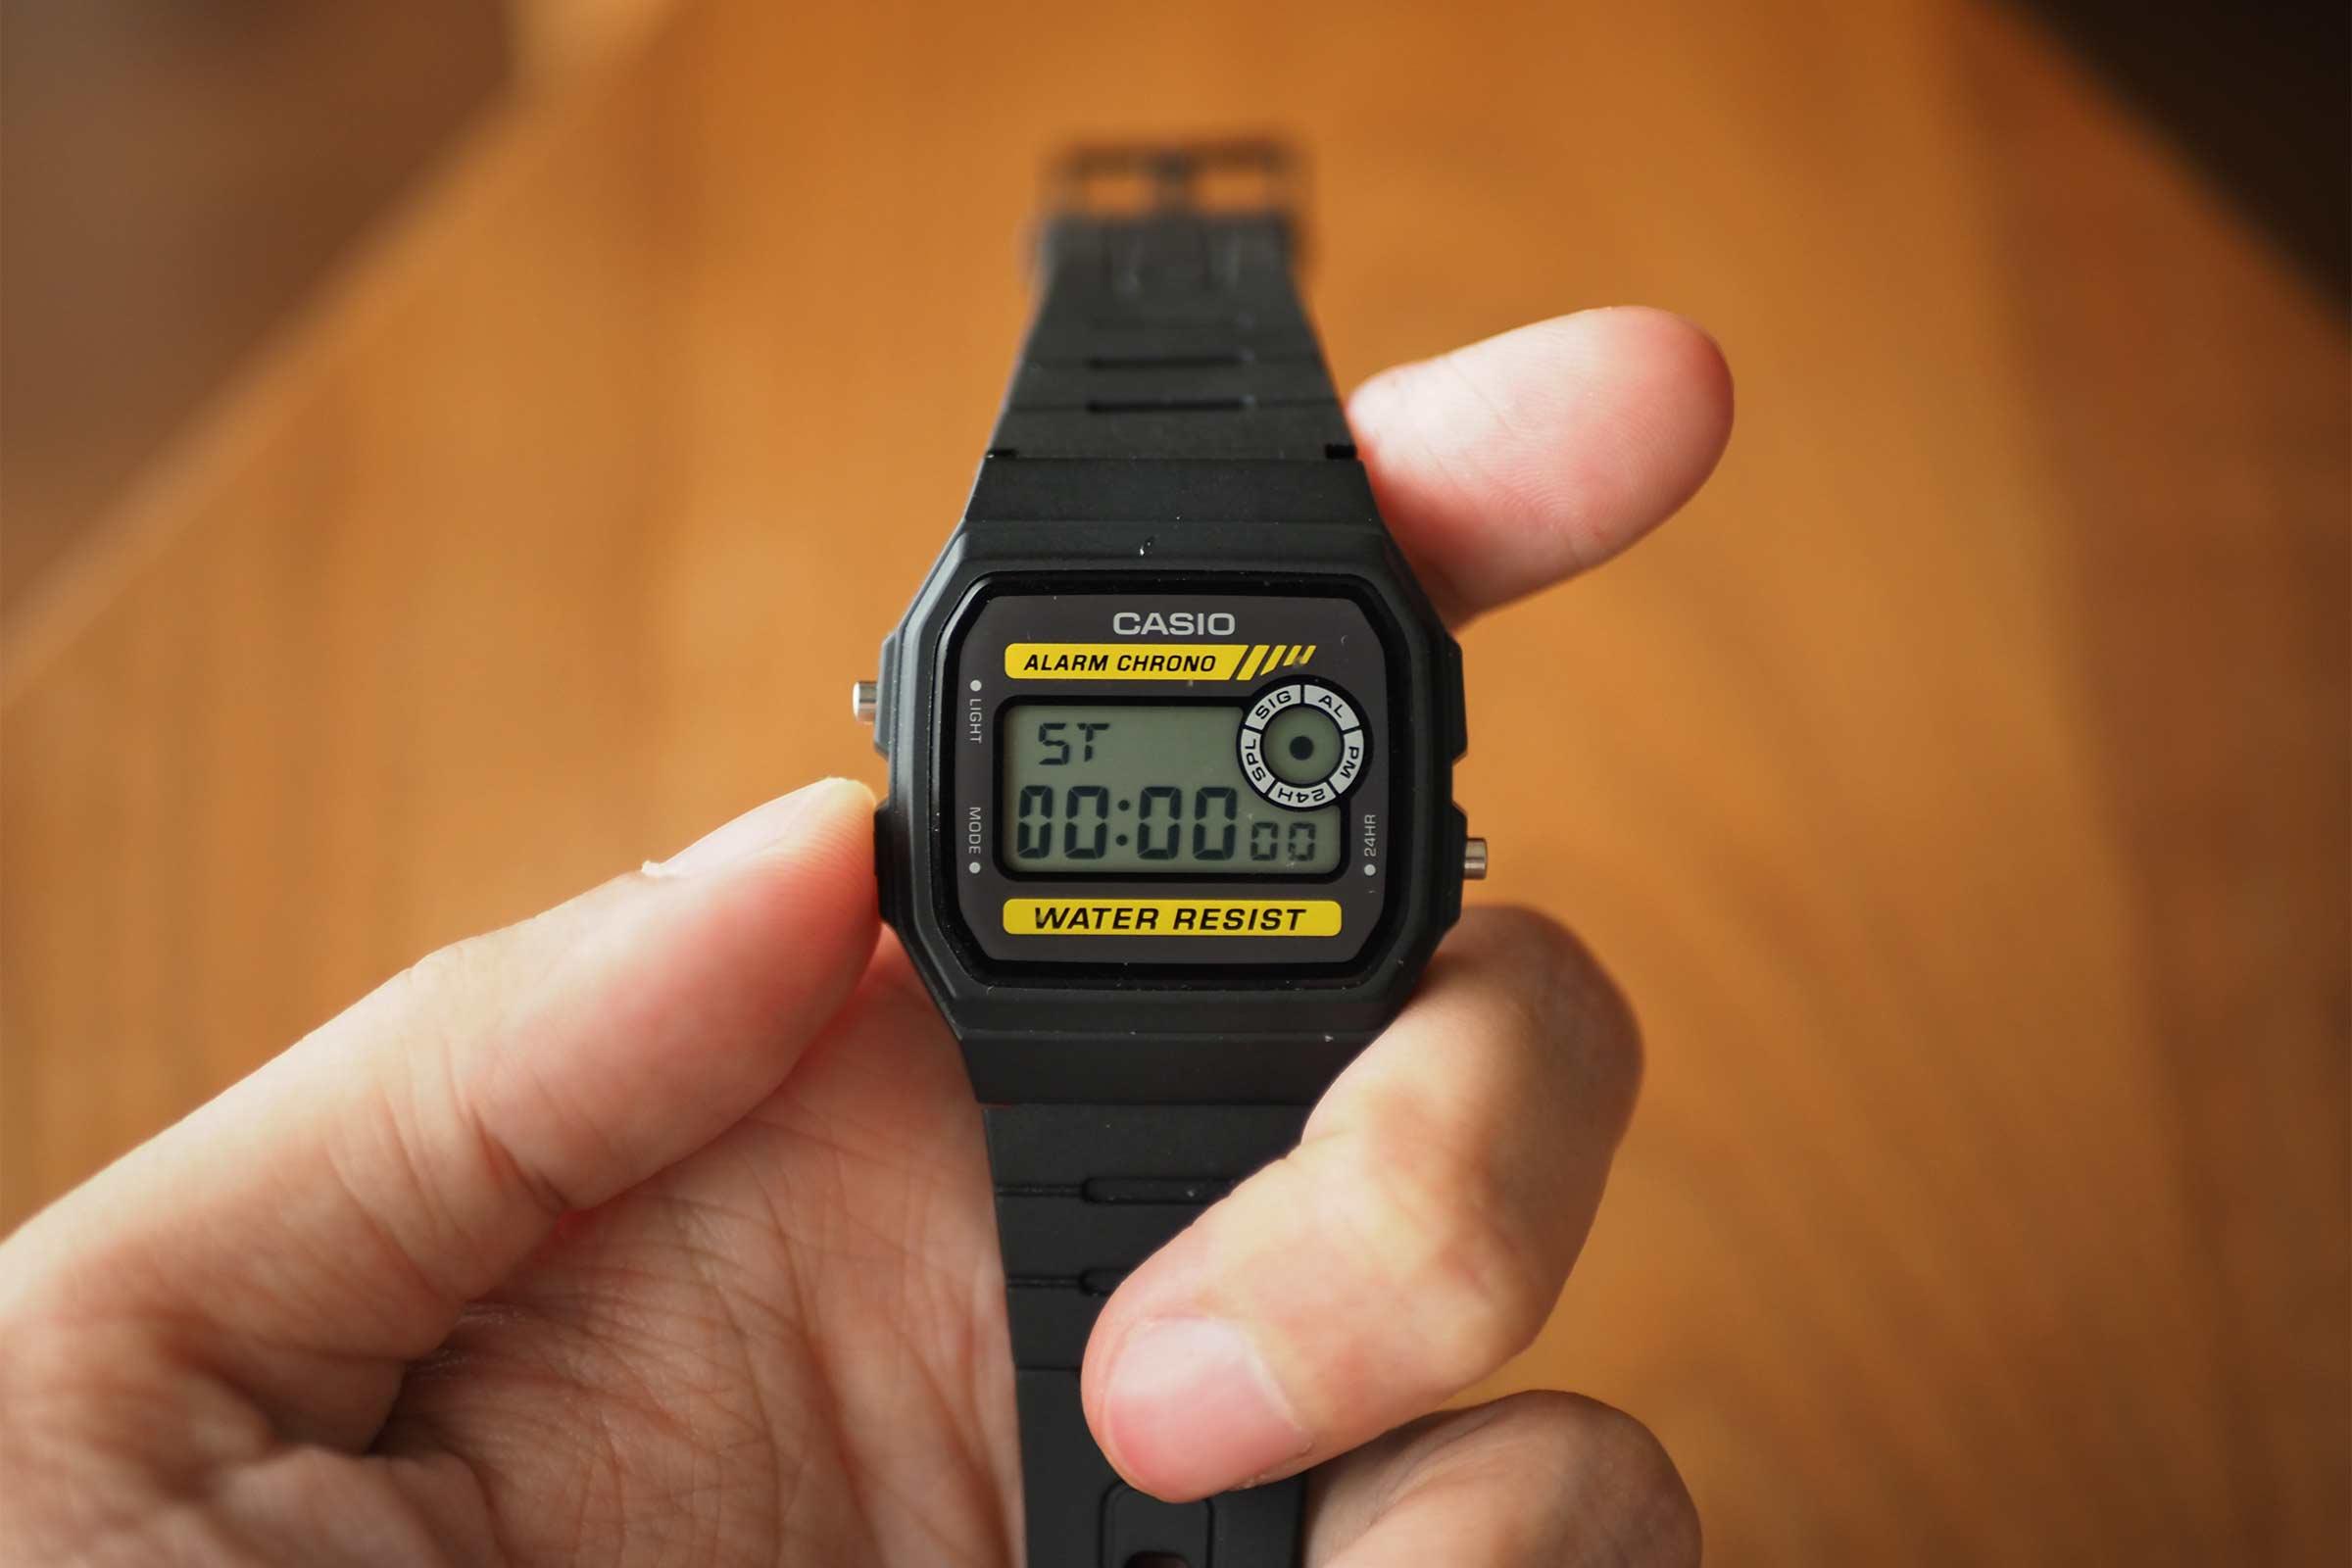 腕時計,カシオ,casio,お洒落,安い,かっこいい,ストップウォッチ